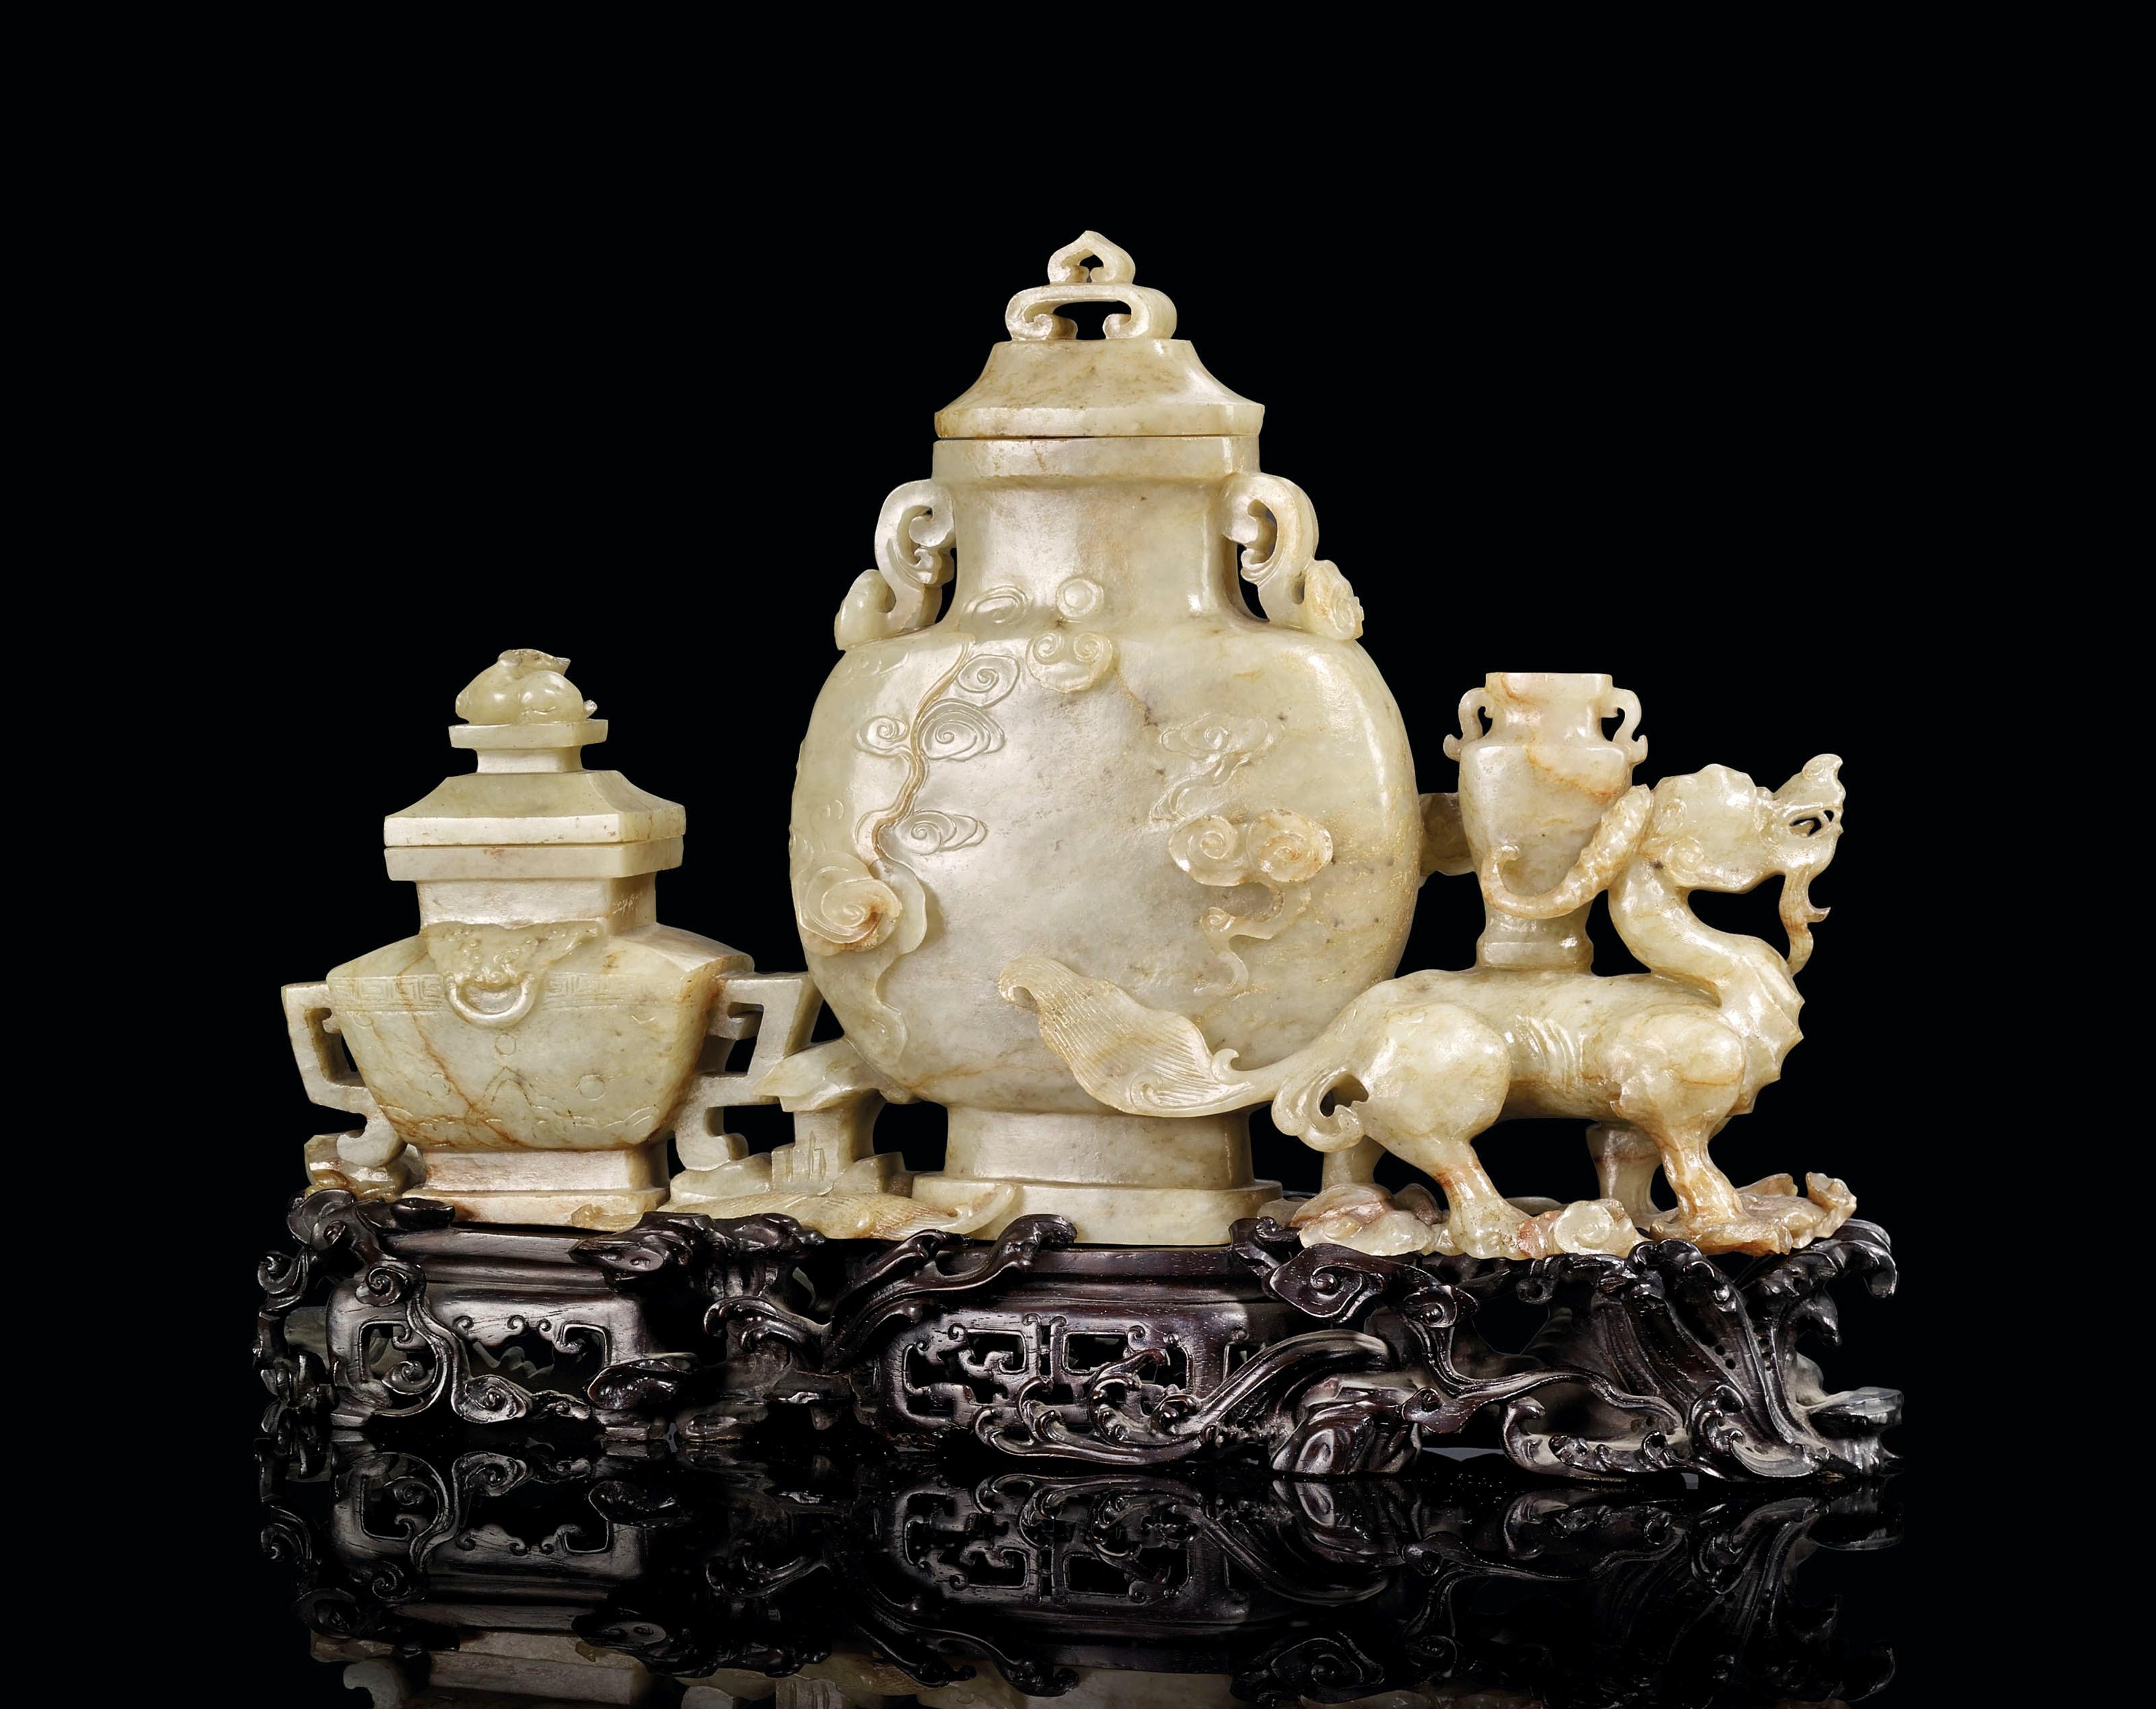 清十九世纪 褐玉带皮仿古三联瓶摆件,长9 ¾ 吋 (25 公分) 高 5 ¾ 吋 (15 公分)。估价:20,000 - 30,000欧元。此拍品于2018年12月12日在佳士得巴黎亚洲艺术拍卖中呈献。